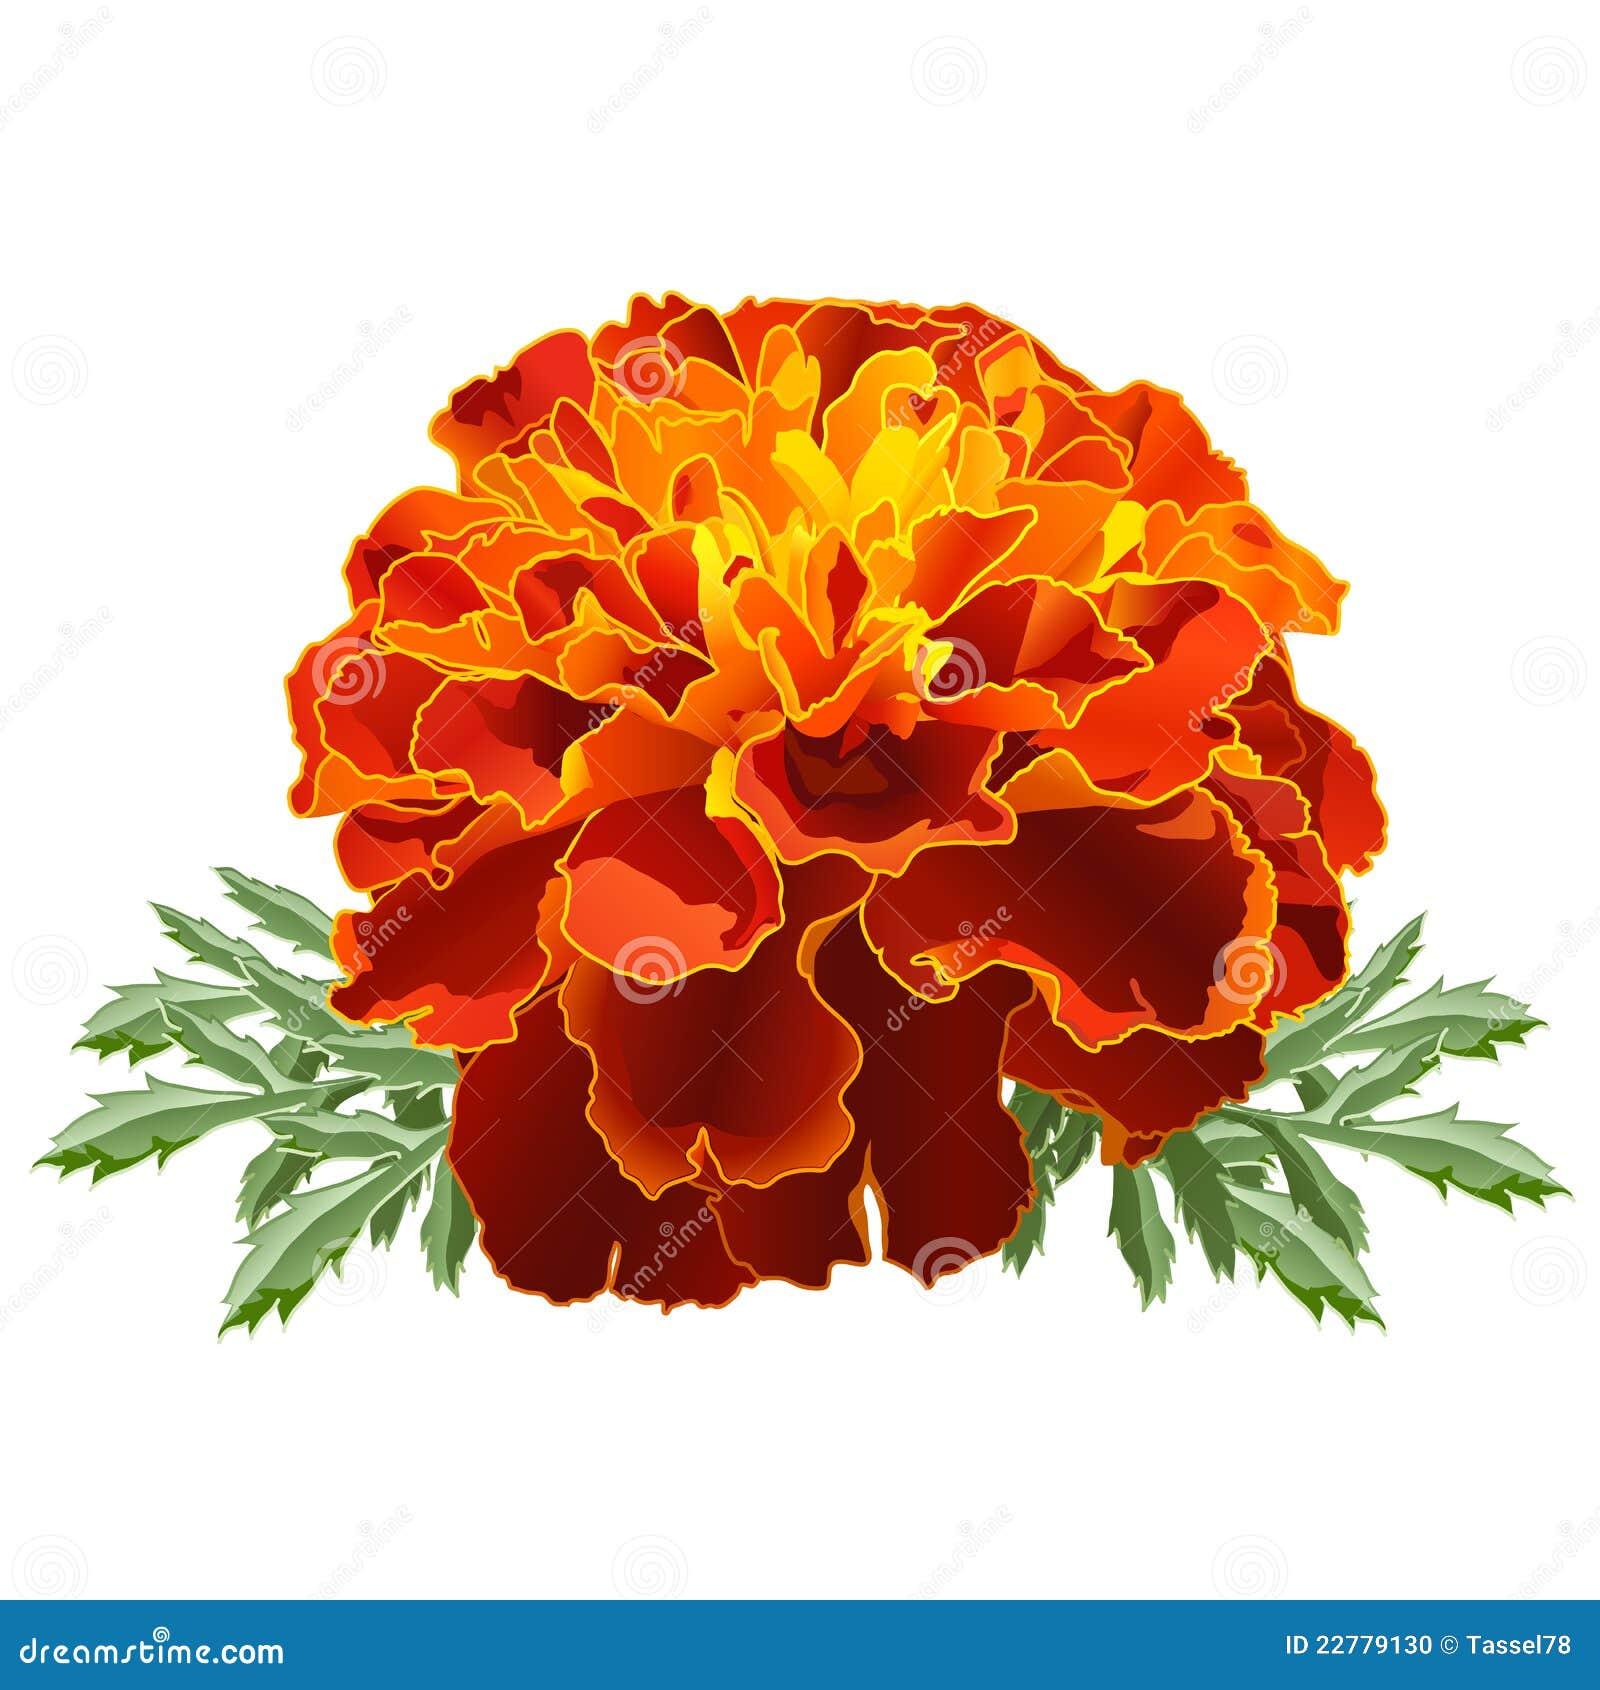 Rote ringelblume tagetes vektor abbildung bild von for Rote dekoration